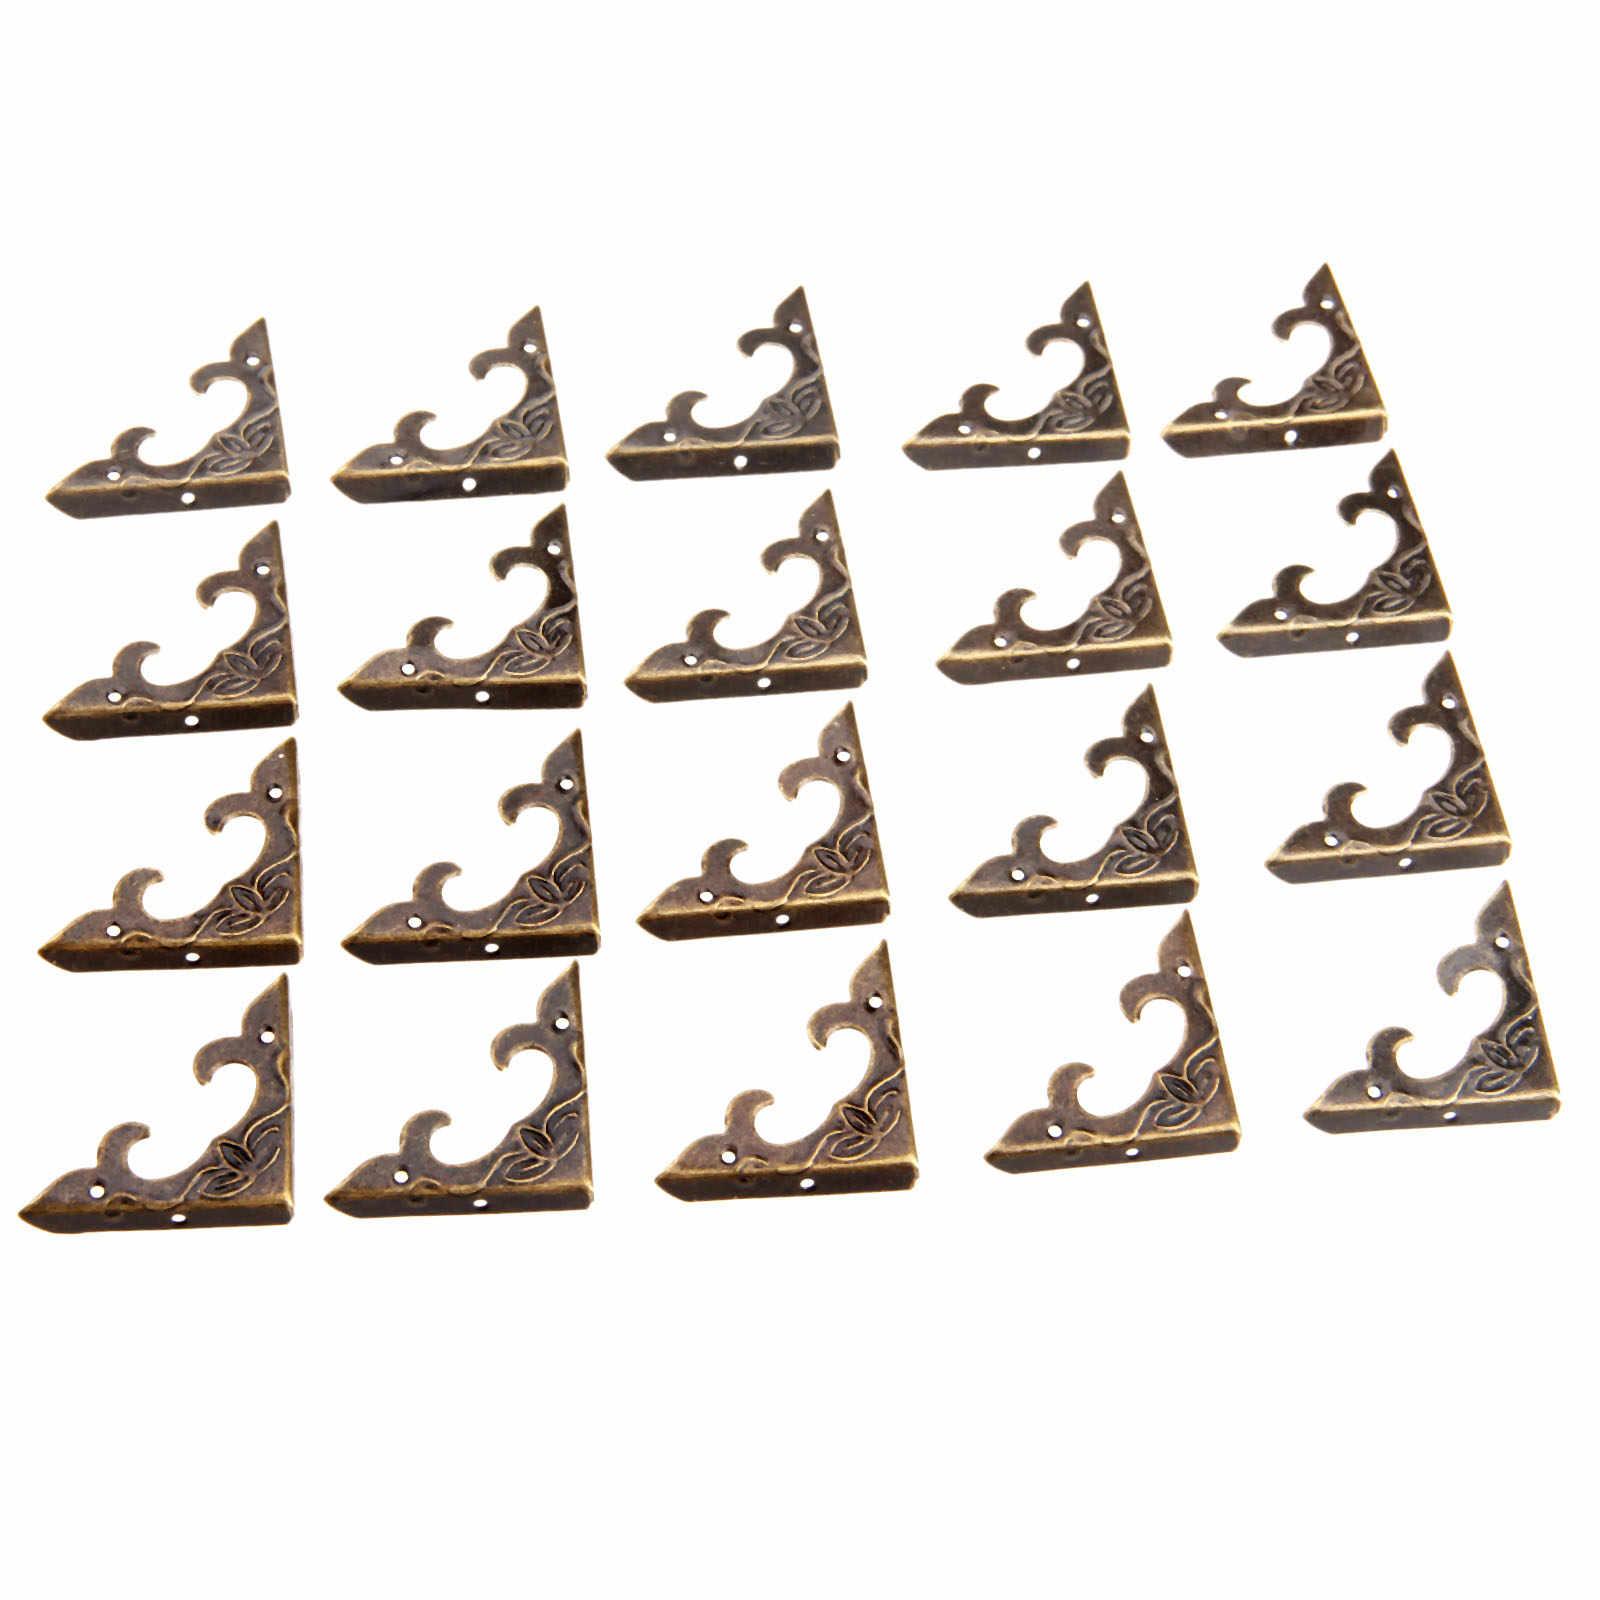 20 шт. античная латунь Угловые скобы для мебели Jewelry деревянной подарочной коробке случае декоративные ноги ногу металлический Угловой протектор для мебели